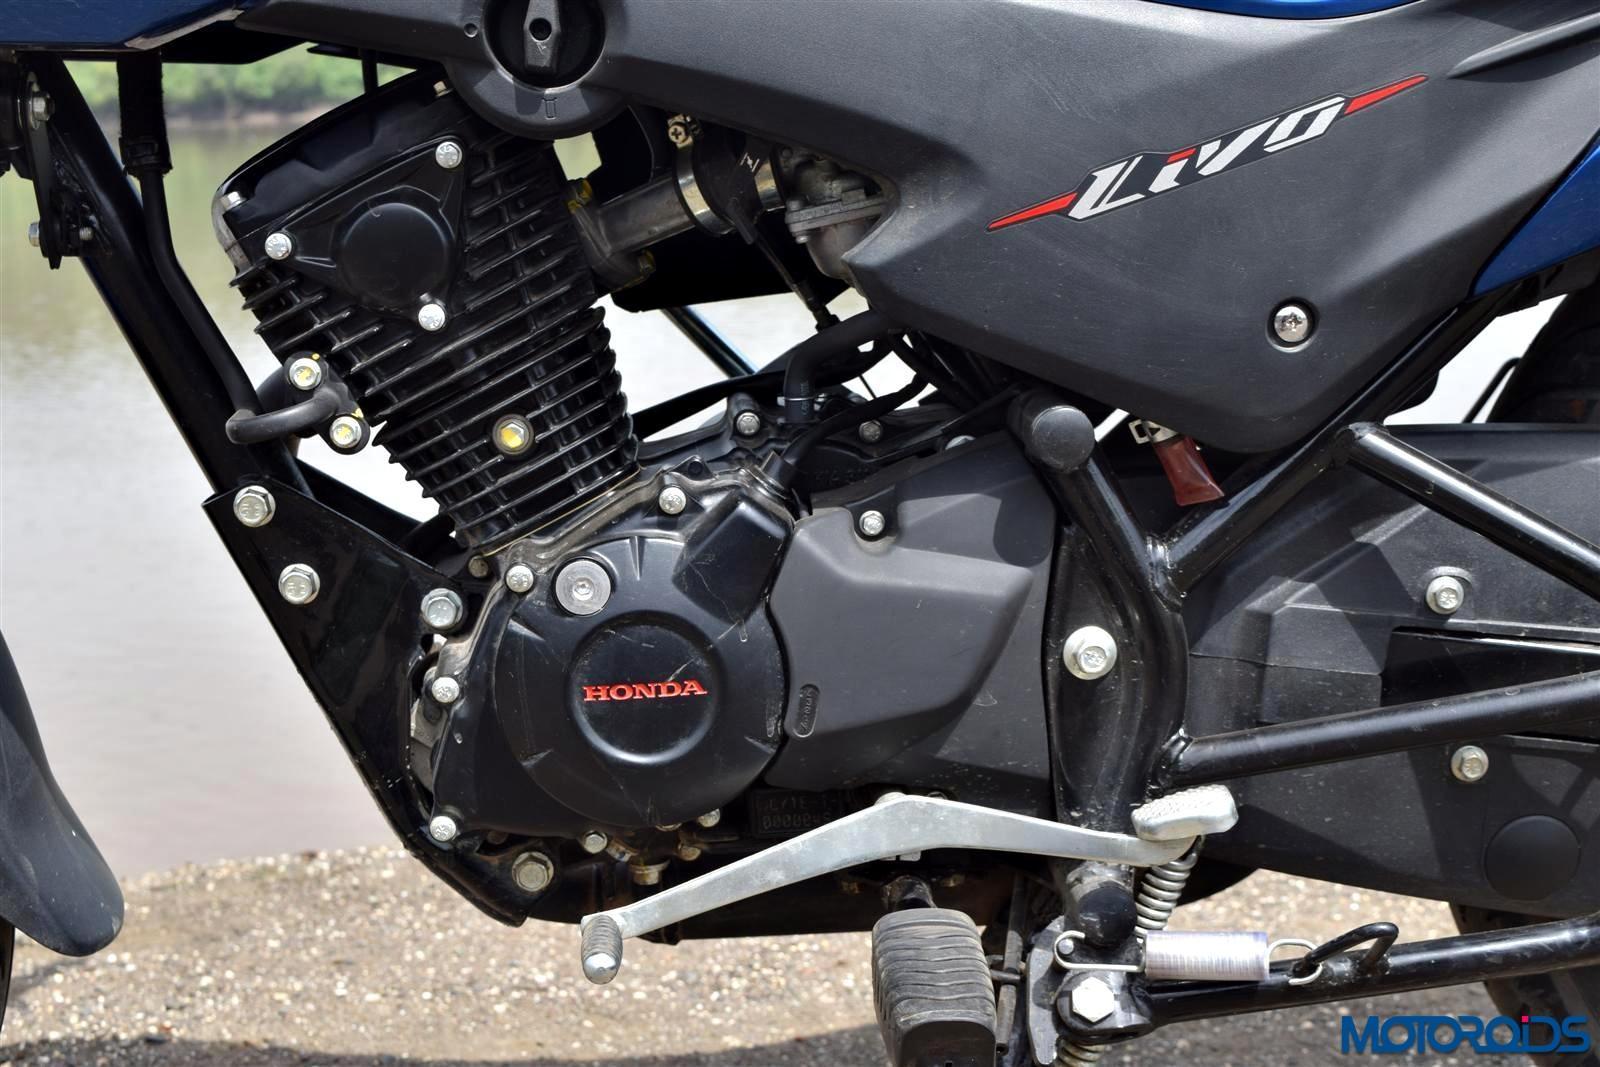 Honda Livo engine & gearbox (26)